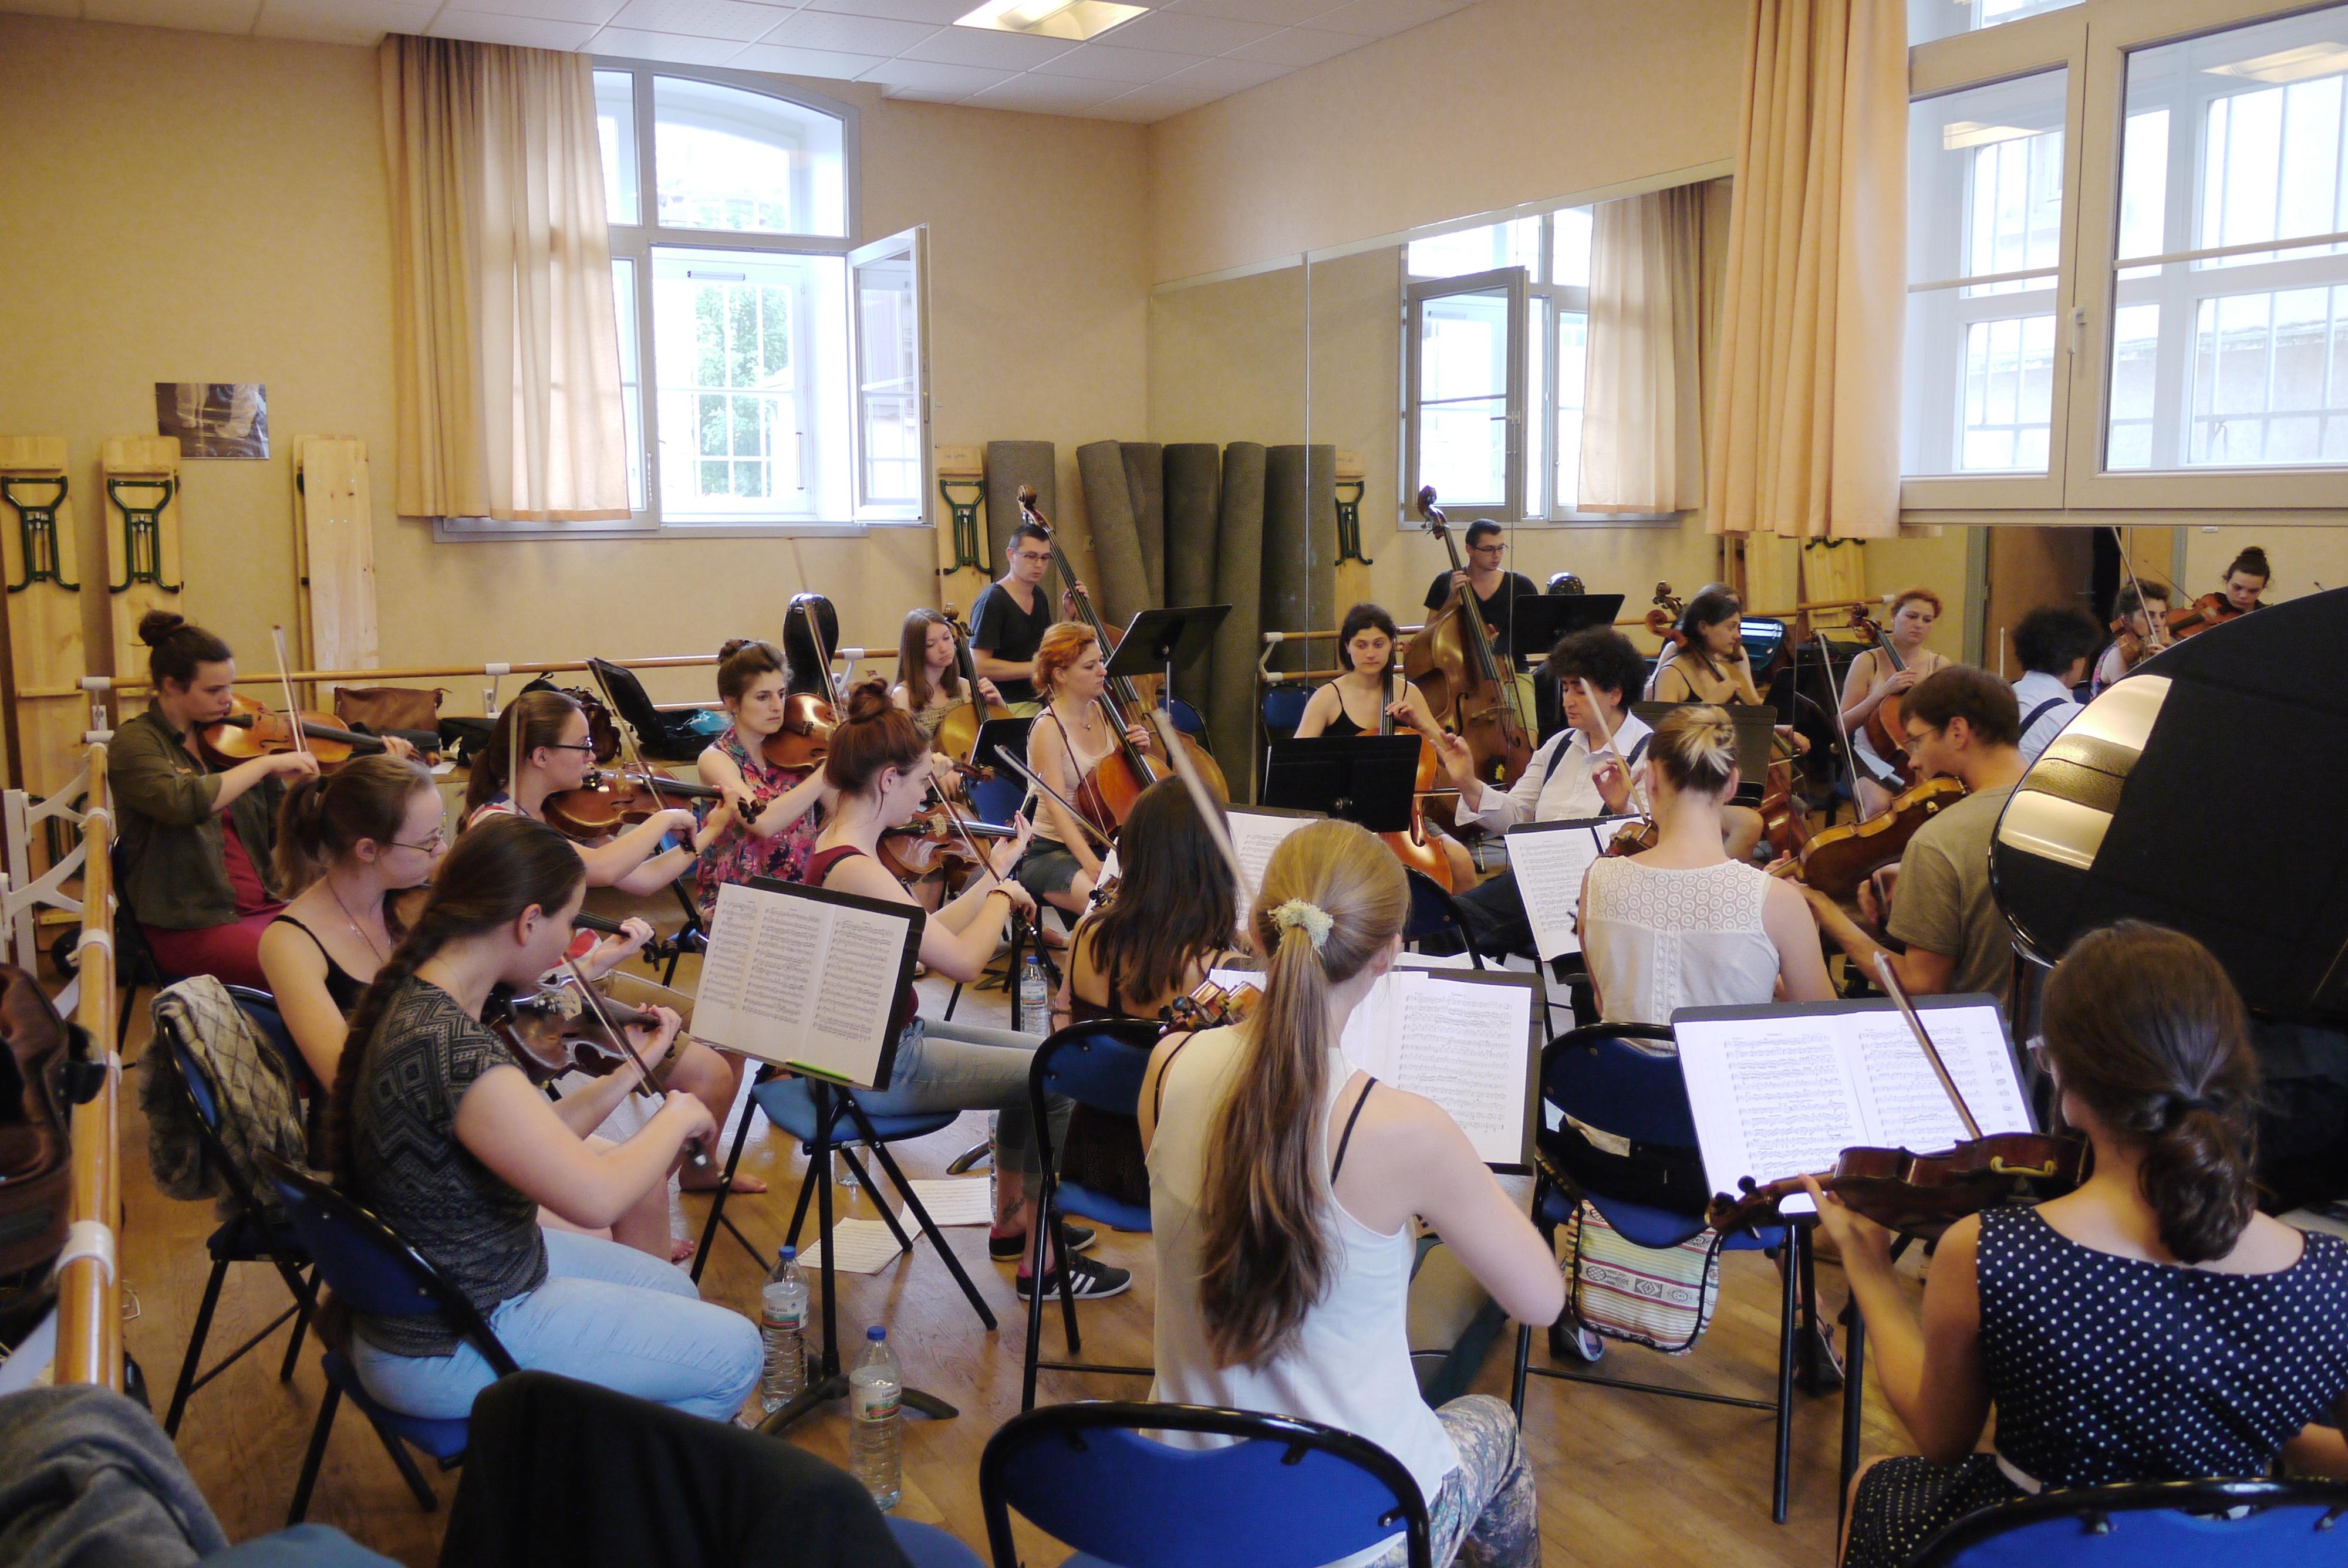 Une répétition de l'Orchestre d'une Grande Europe pour la Paix.